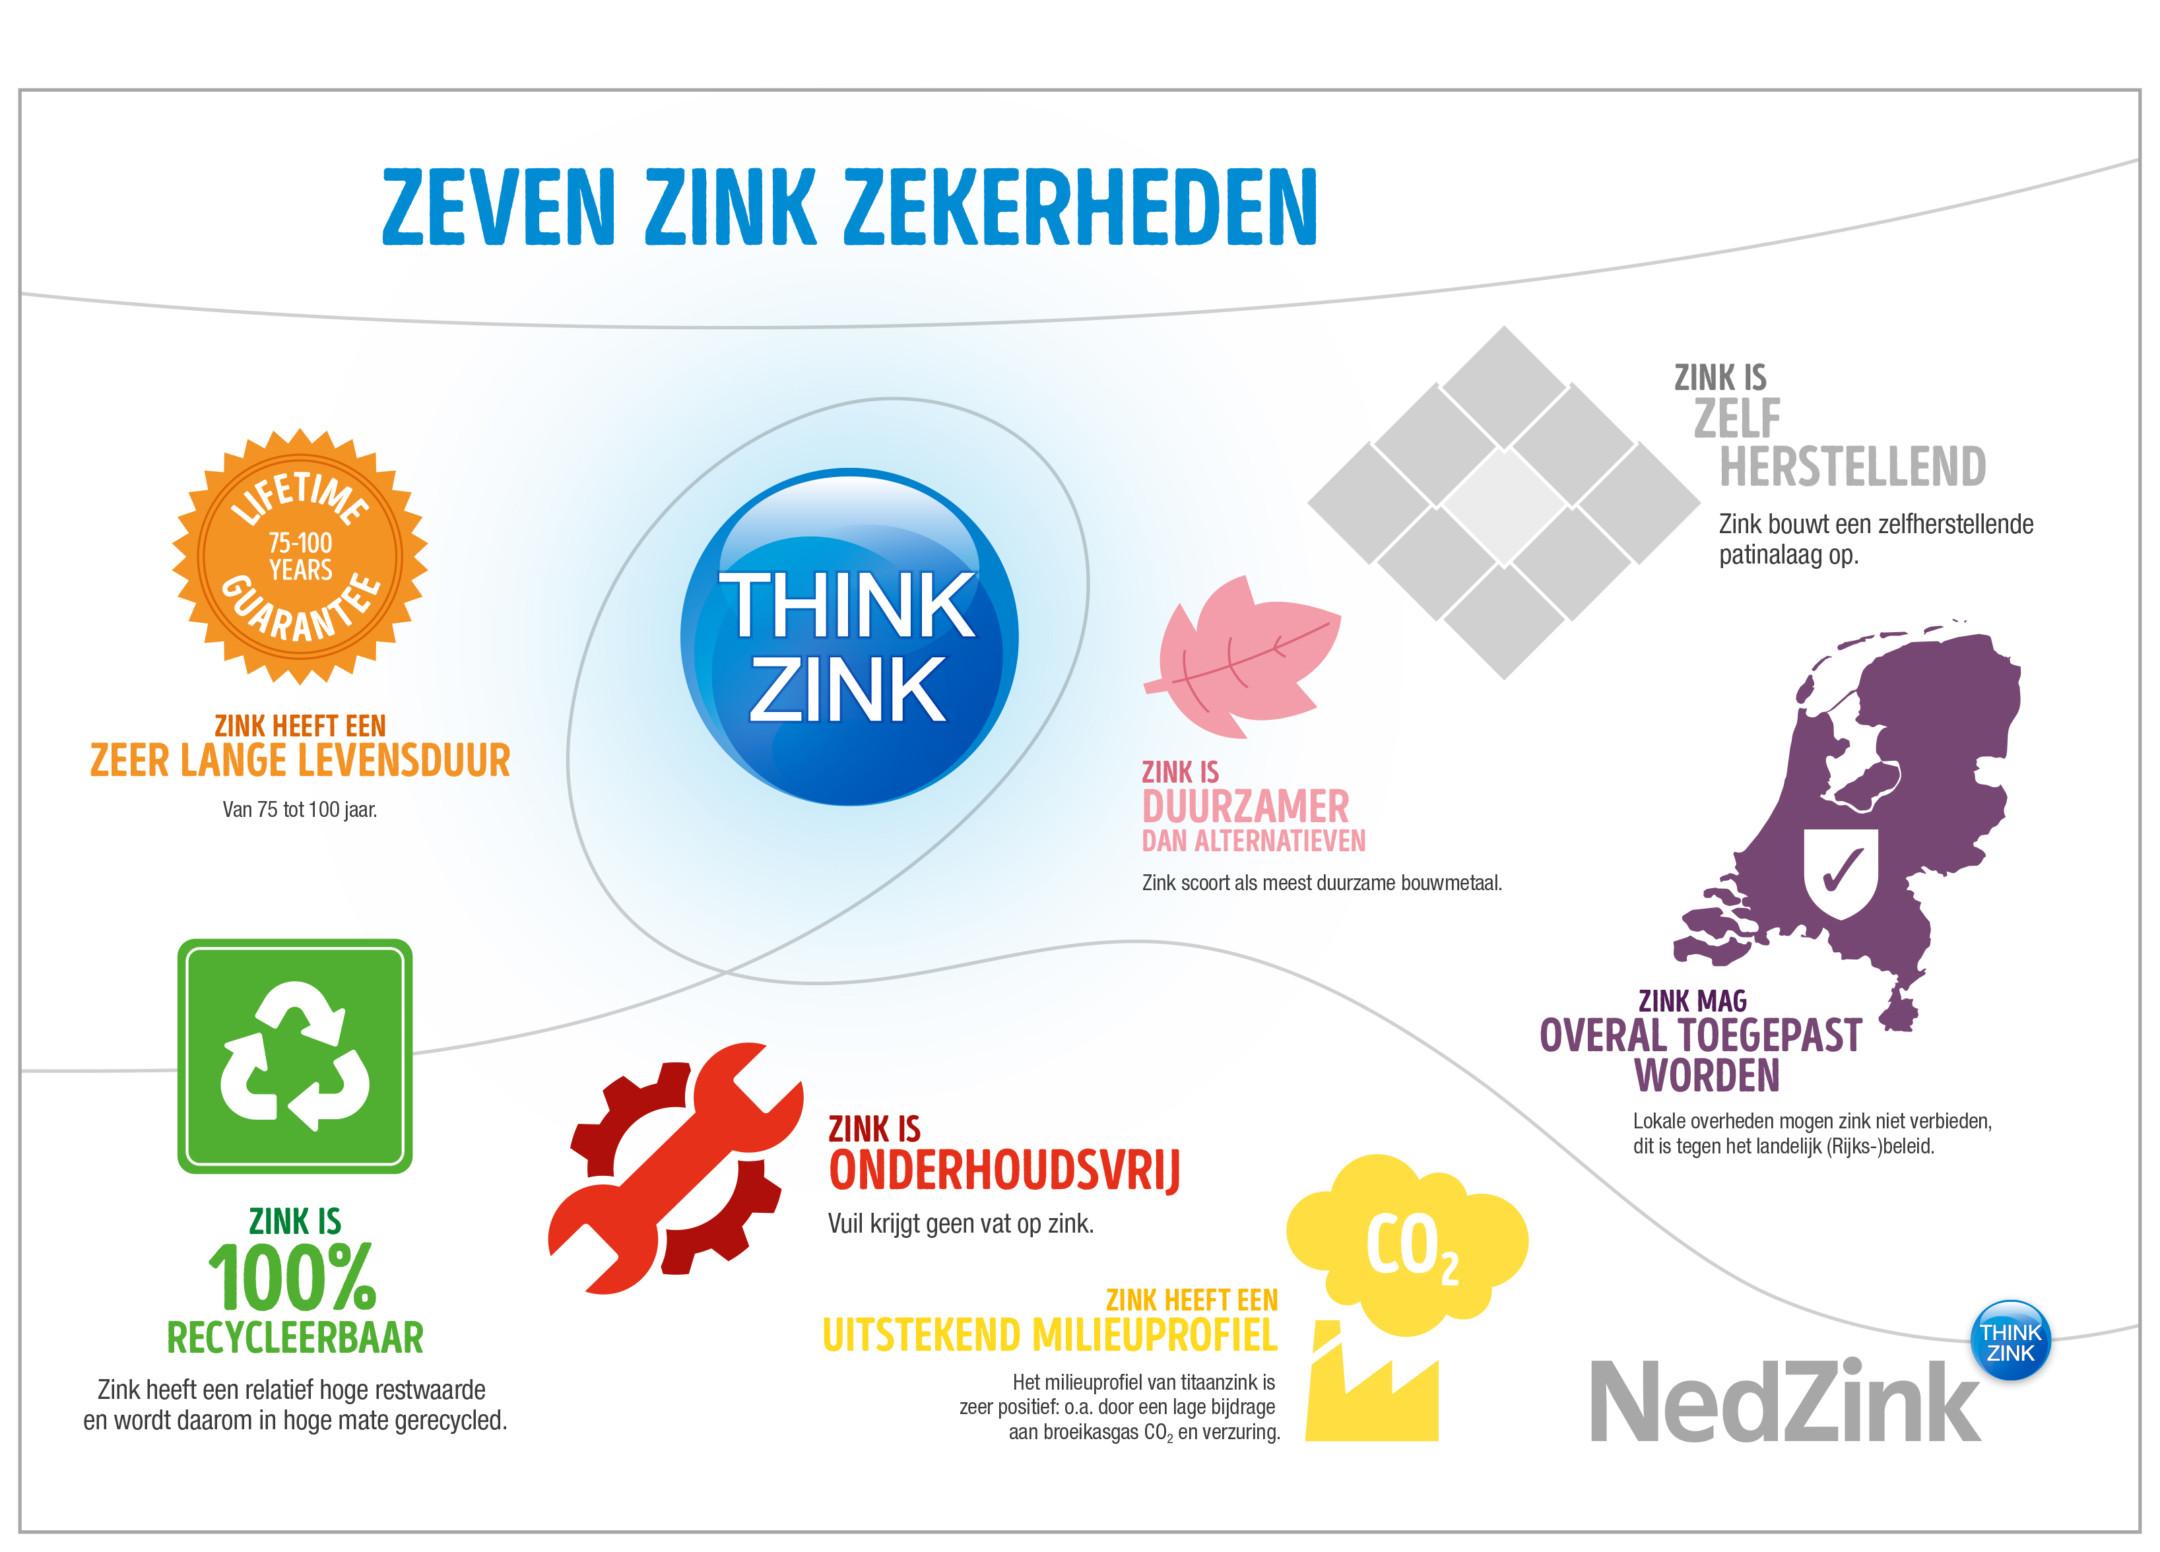 28507-nz-infographic-zeven-zink-zekerheden